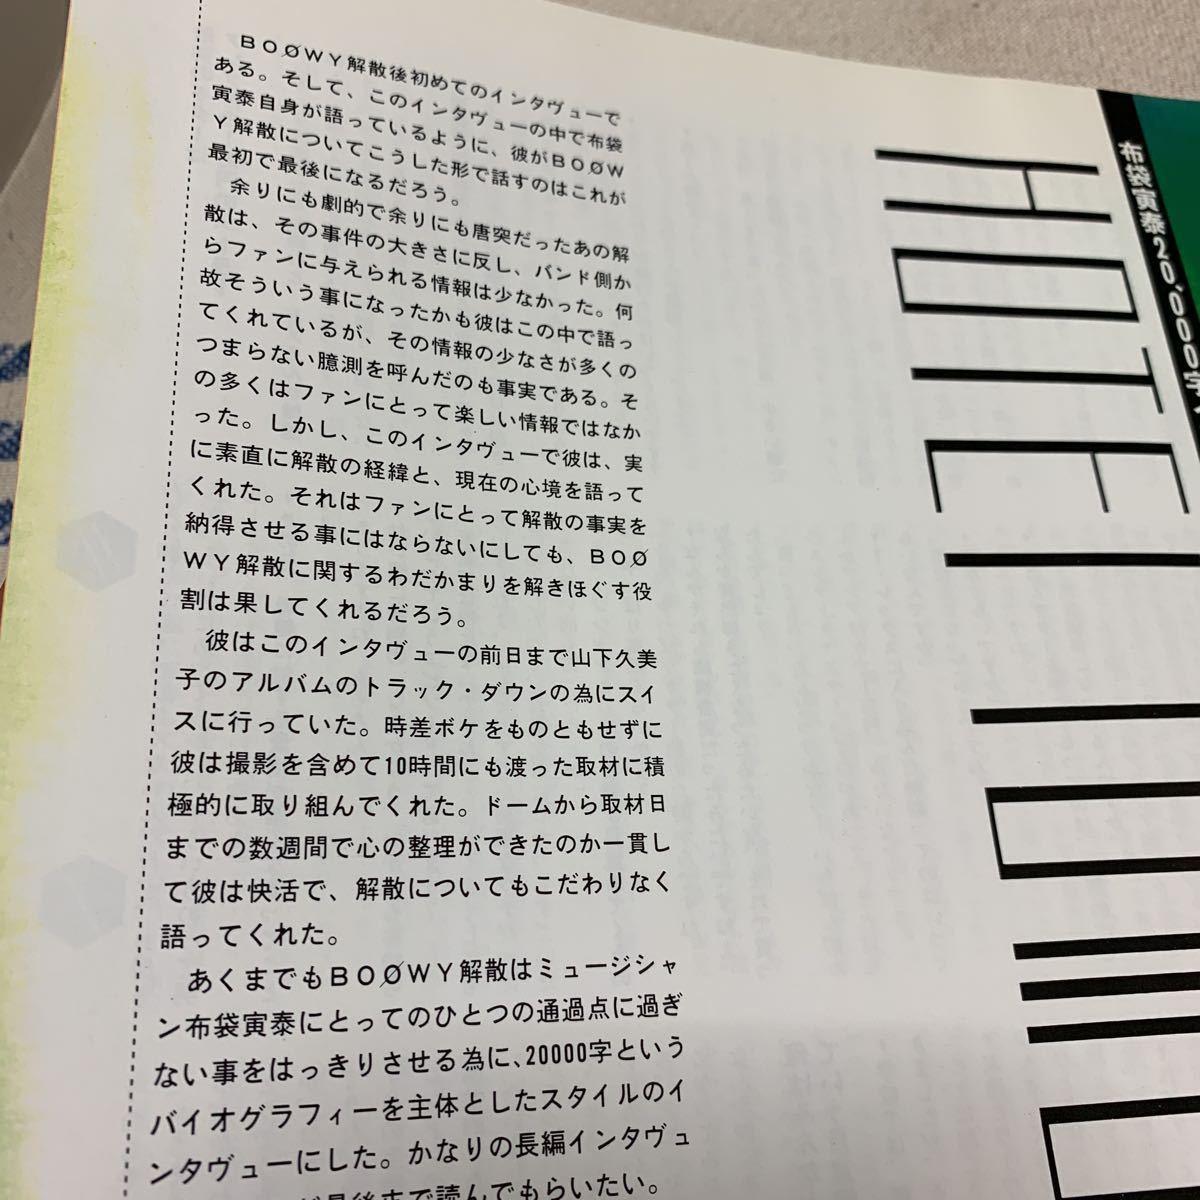 rockin'on japan 1988年 vol.12 布袋寅泰 表紙 BOOWY解散後のはじめて語った解散の真相 LAST GIGS 直後_画像5